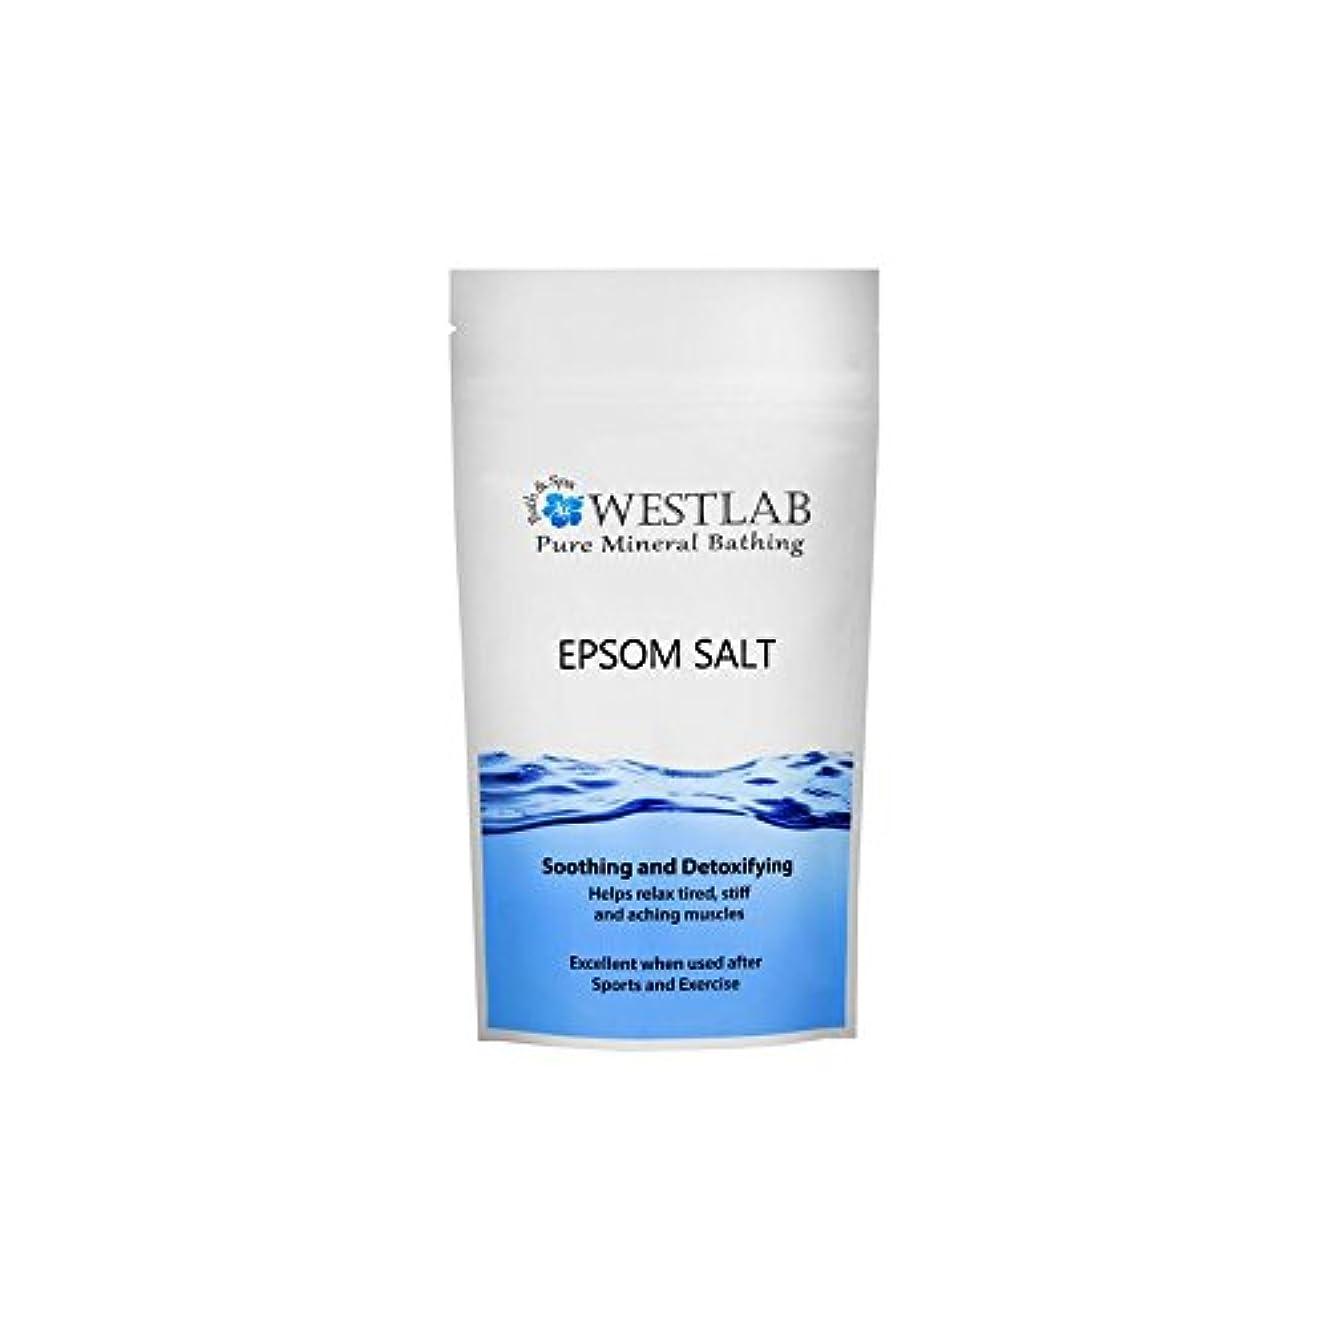 嫌い致命的同時エプソム塩の1キロ x2 - Westlab Epsom Salt 1kg (Pack of 2) [並行輸入品]